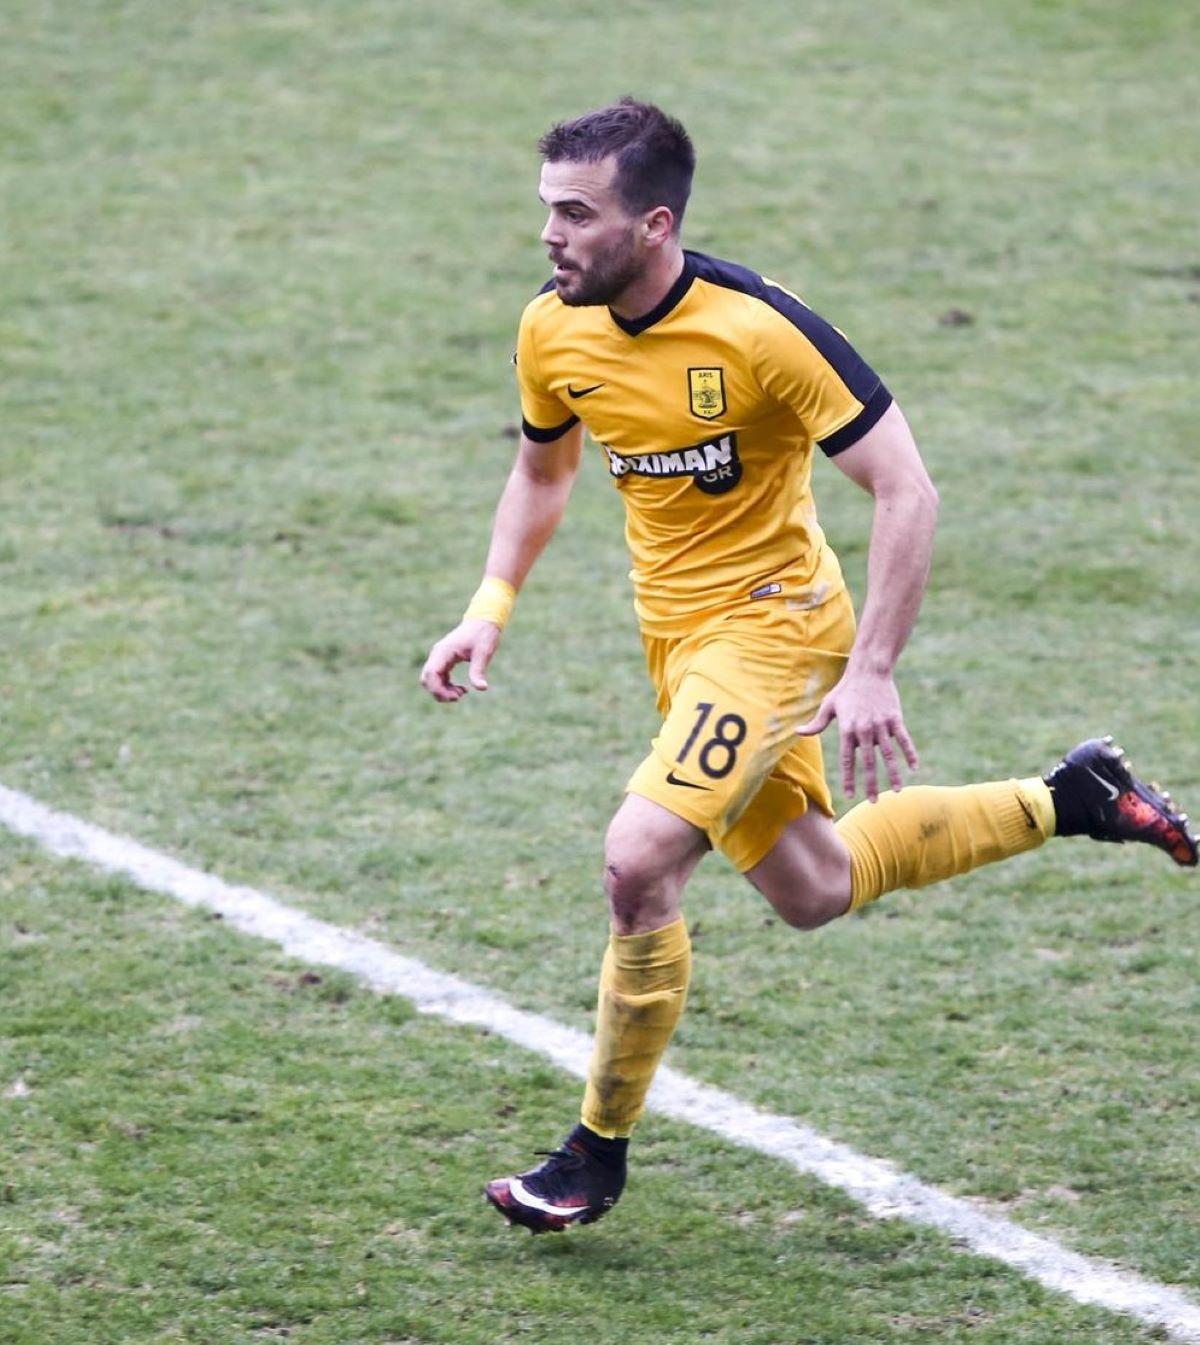 Lutto Calcio Morto Nikos Tsoumanis Soffocamento